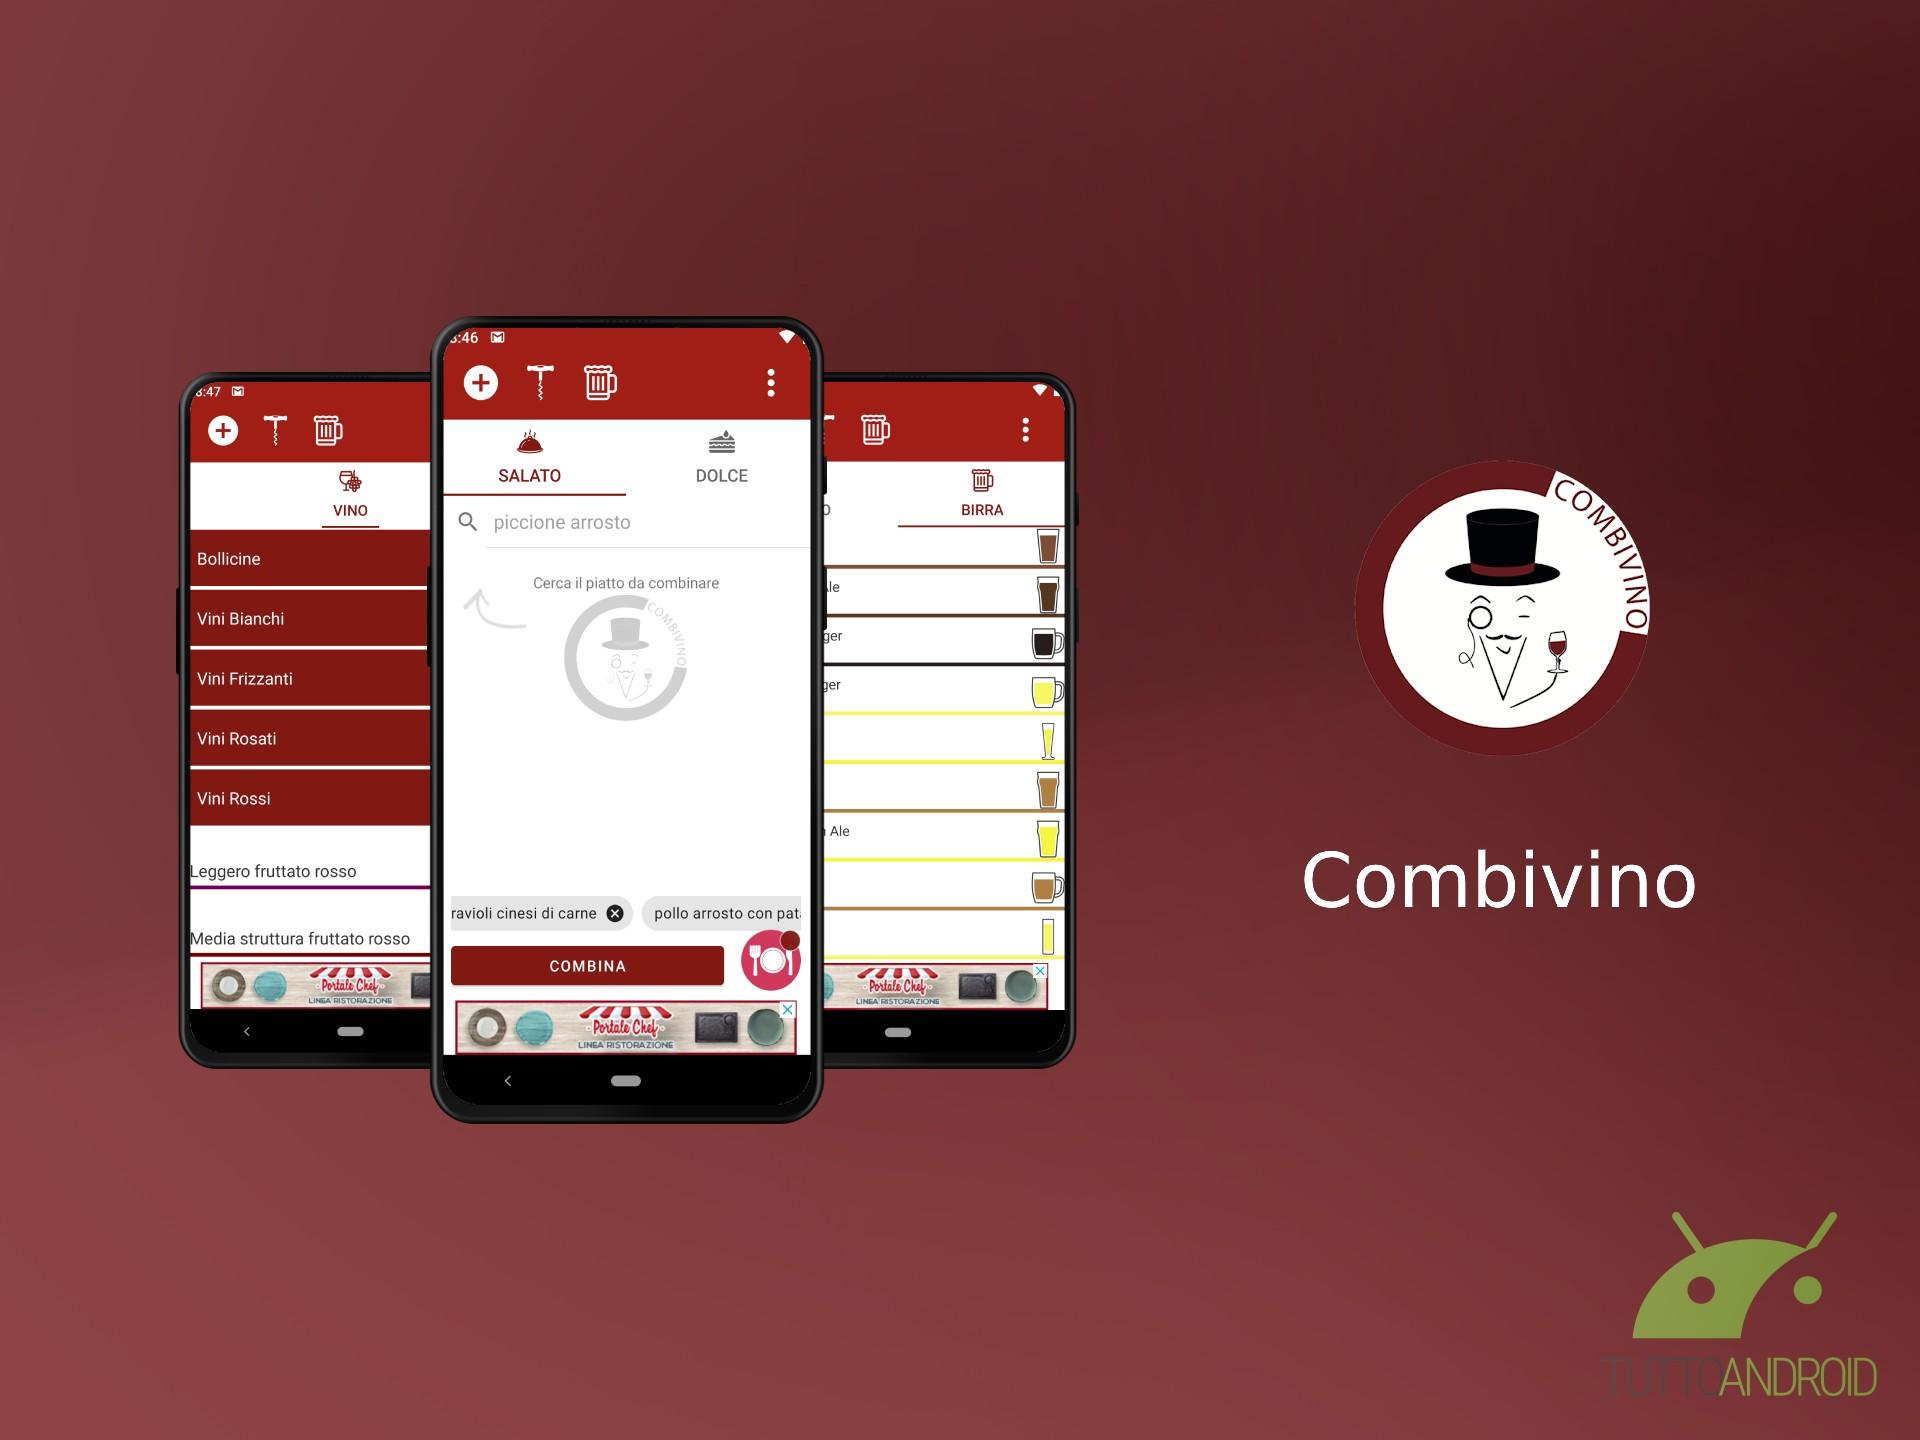 L'app Combivino abbina vino e birra alle portate come un som